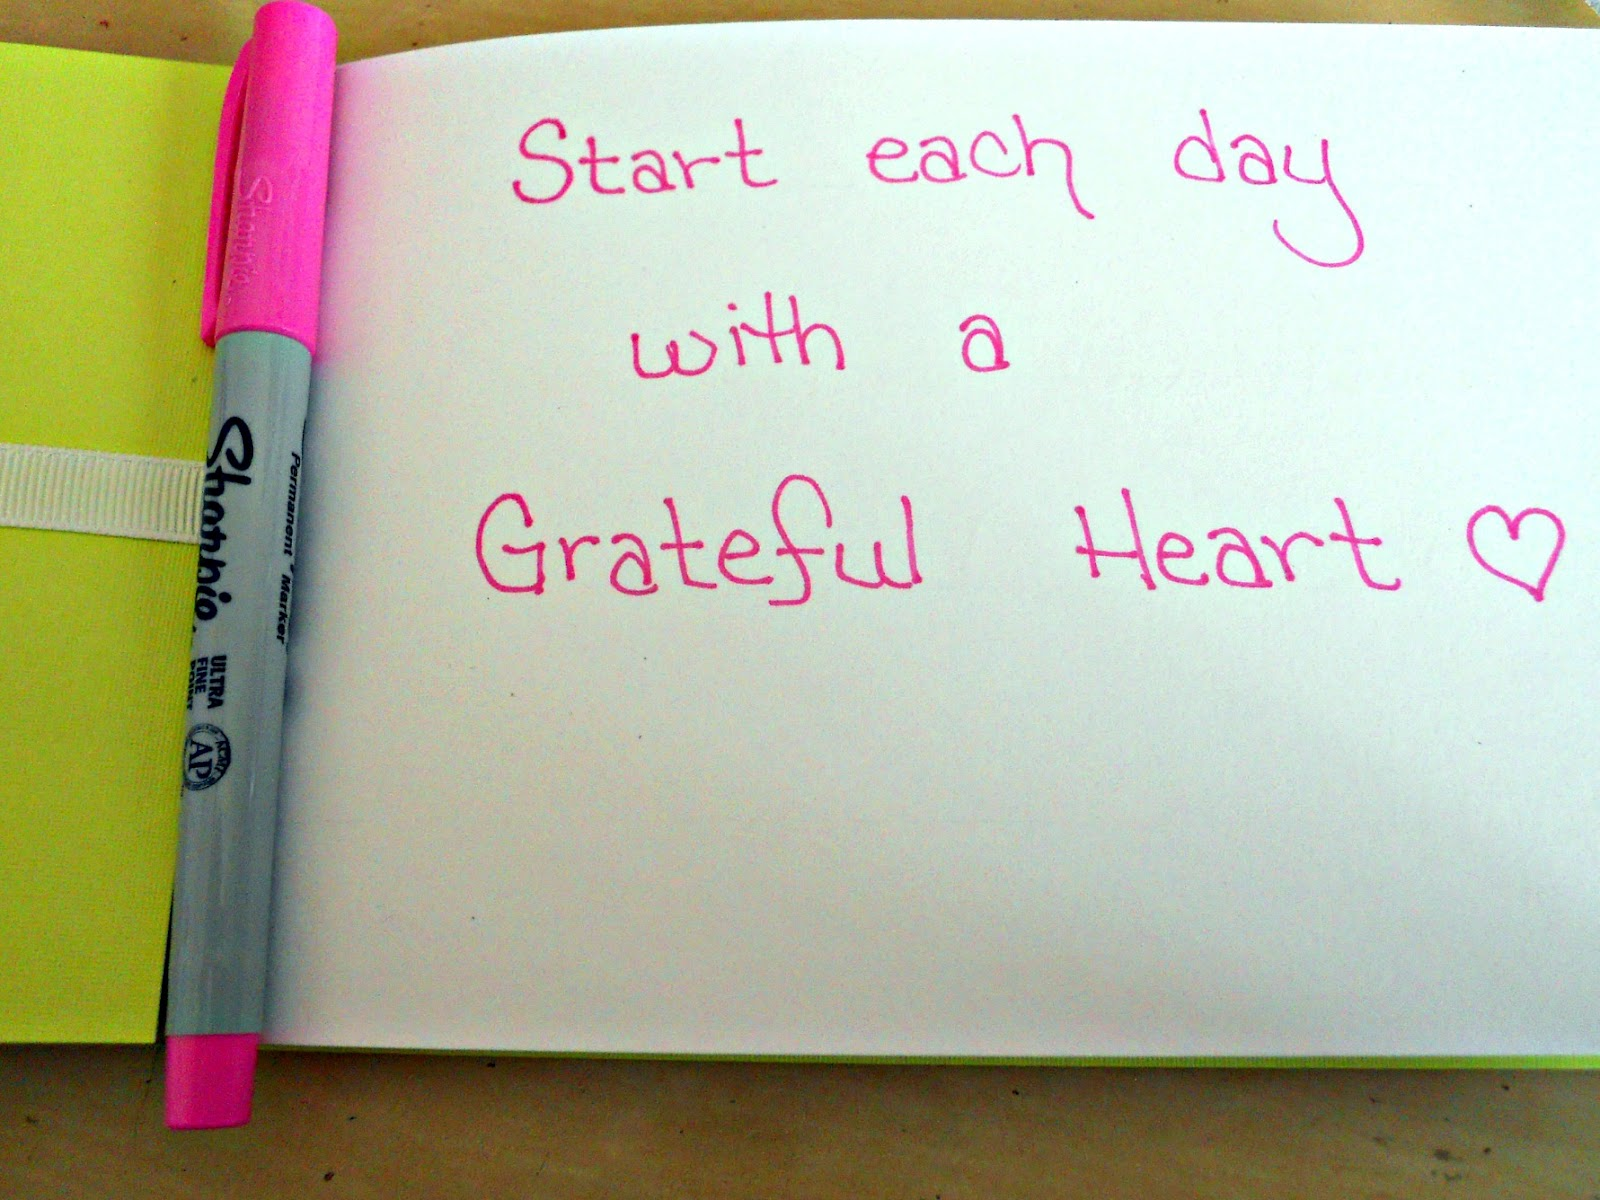 Grateful quote #4